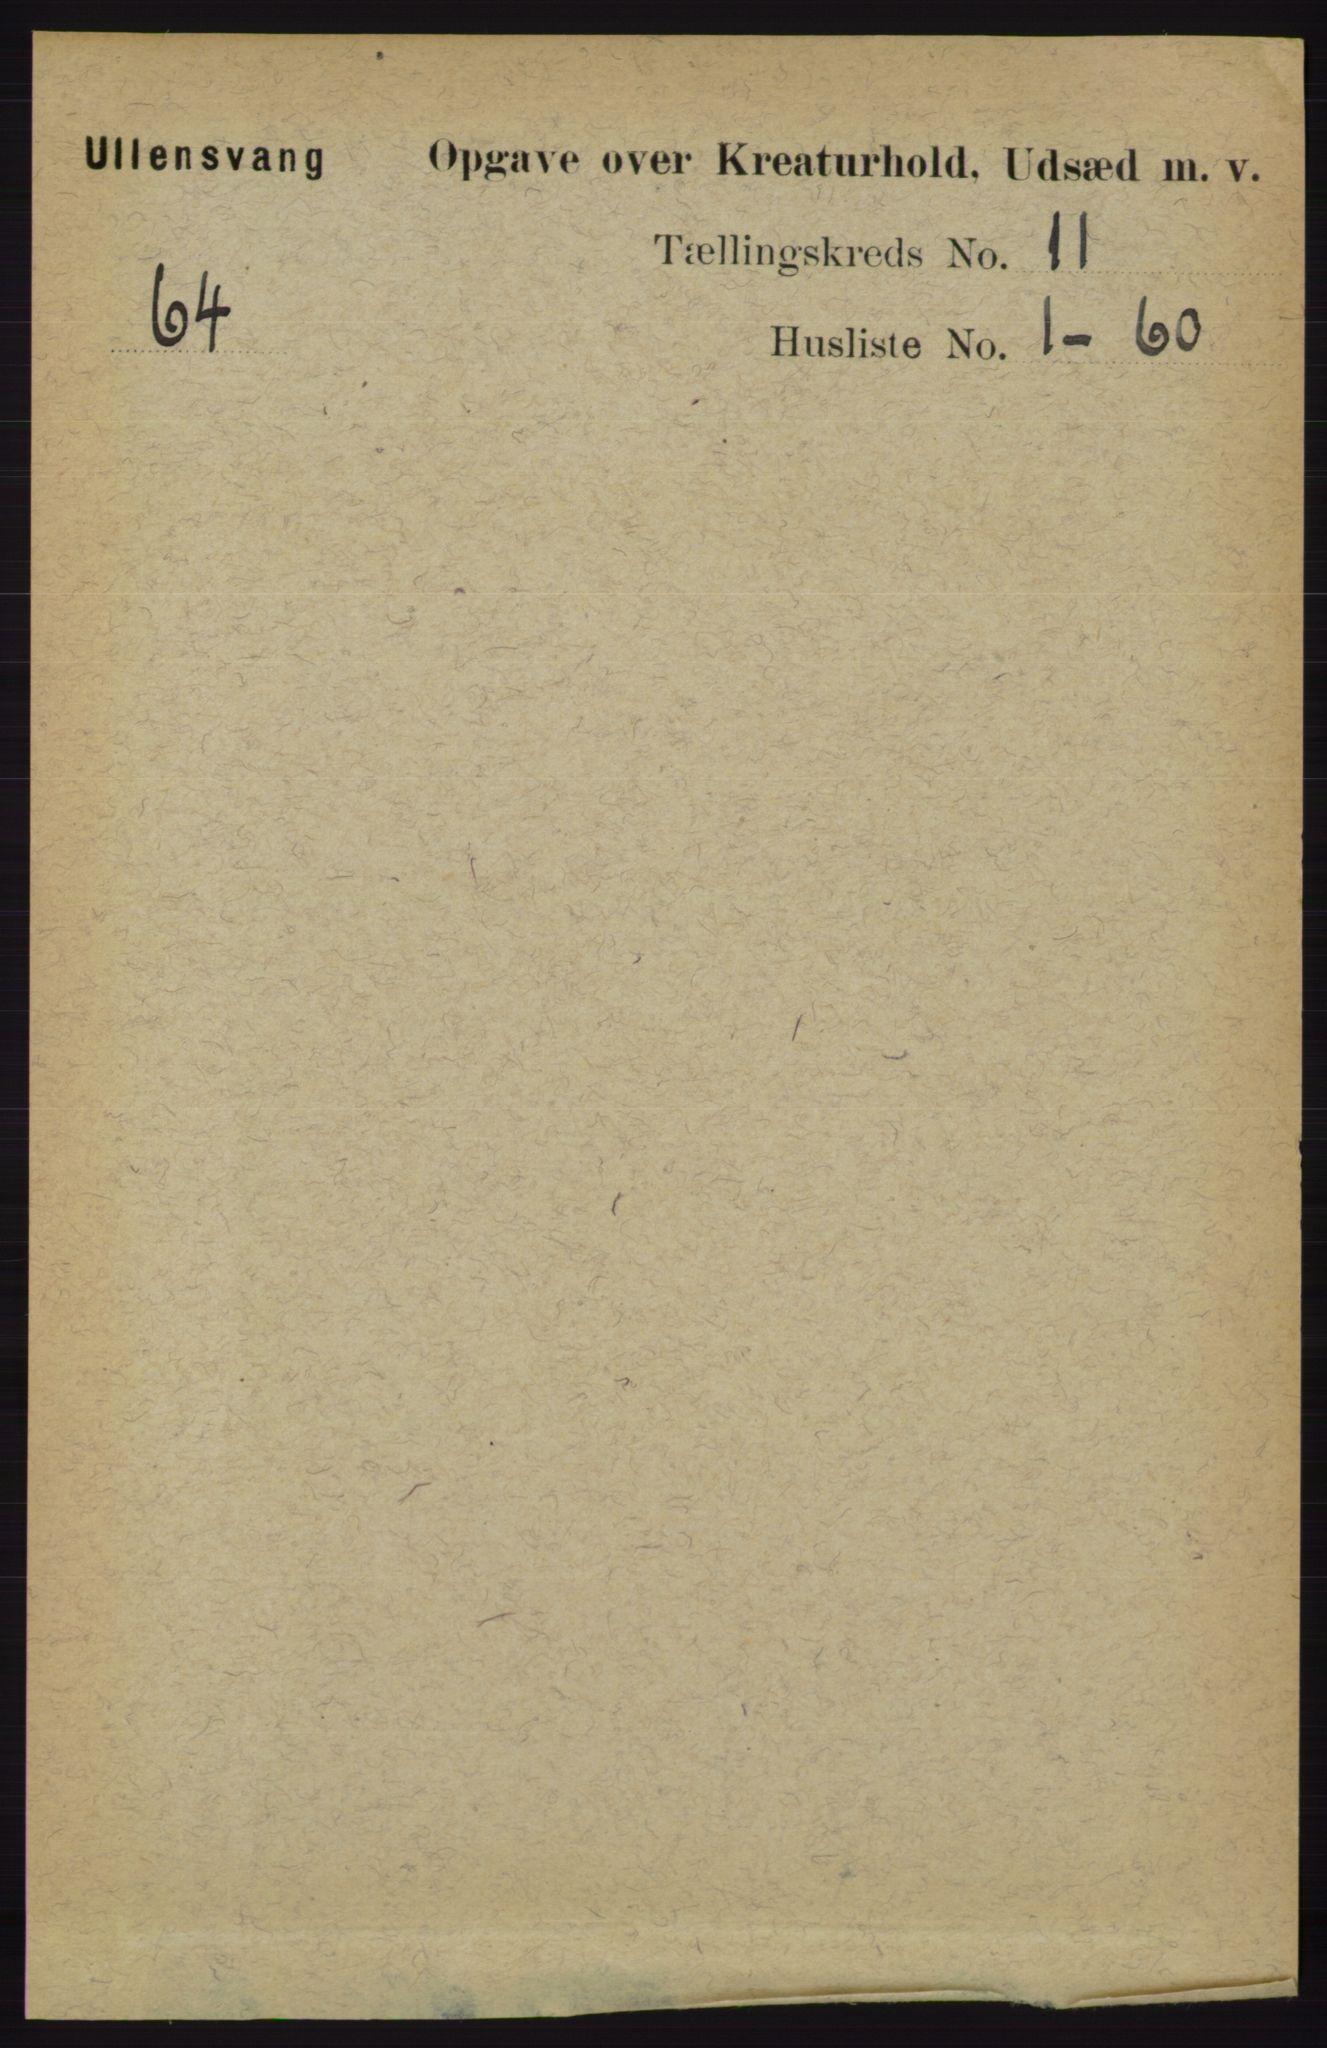 RA, Folketelling 1891 for 1230 Ullensvang herred, 1891, s. 7900